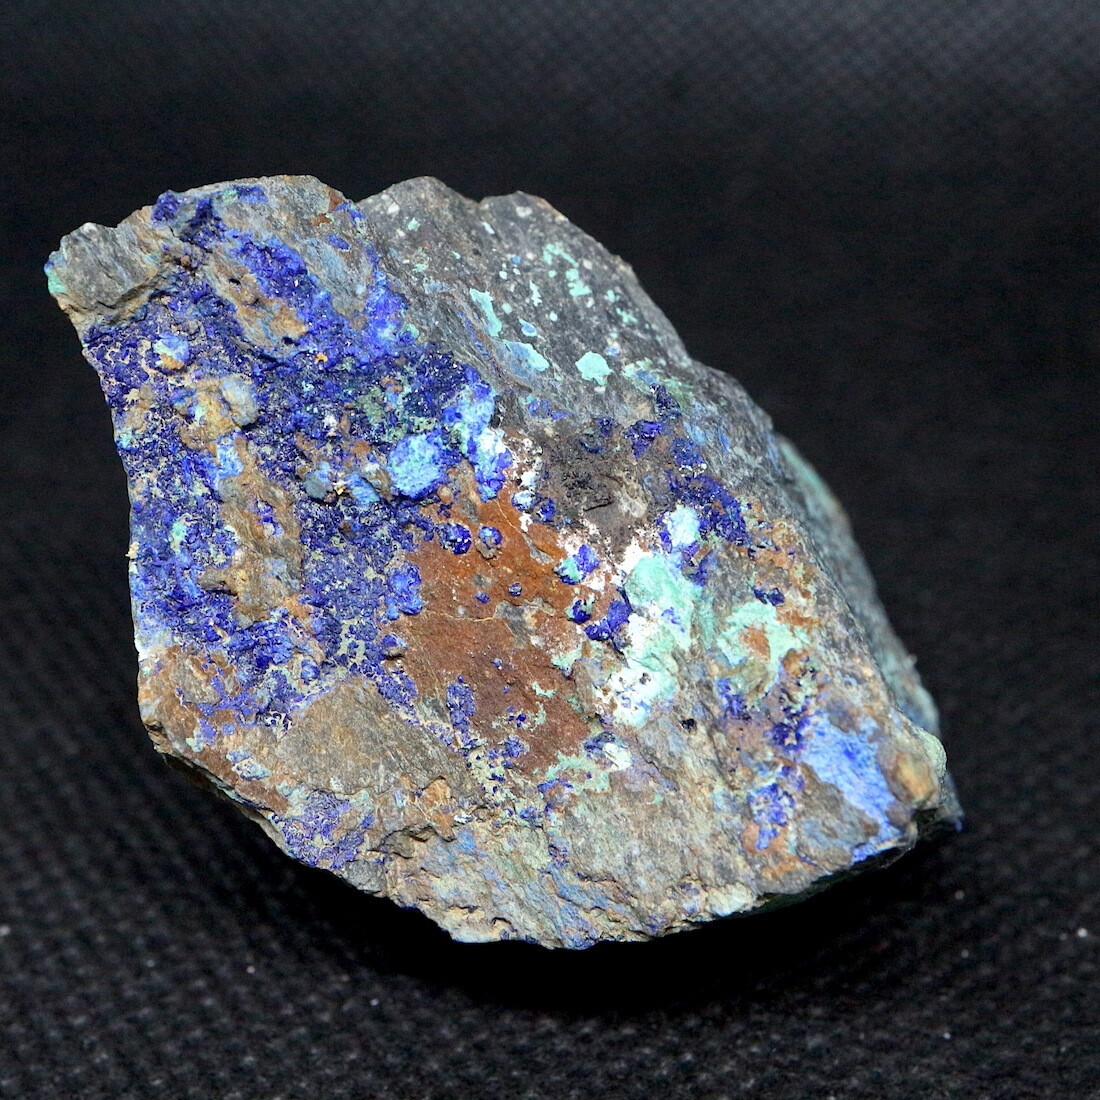 カリフォルニア産 アズライト + マラカイト アジュライト  59,9g 原石 鉱物 標本 AZR010 パワーストーン 天然石